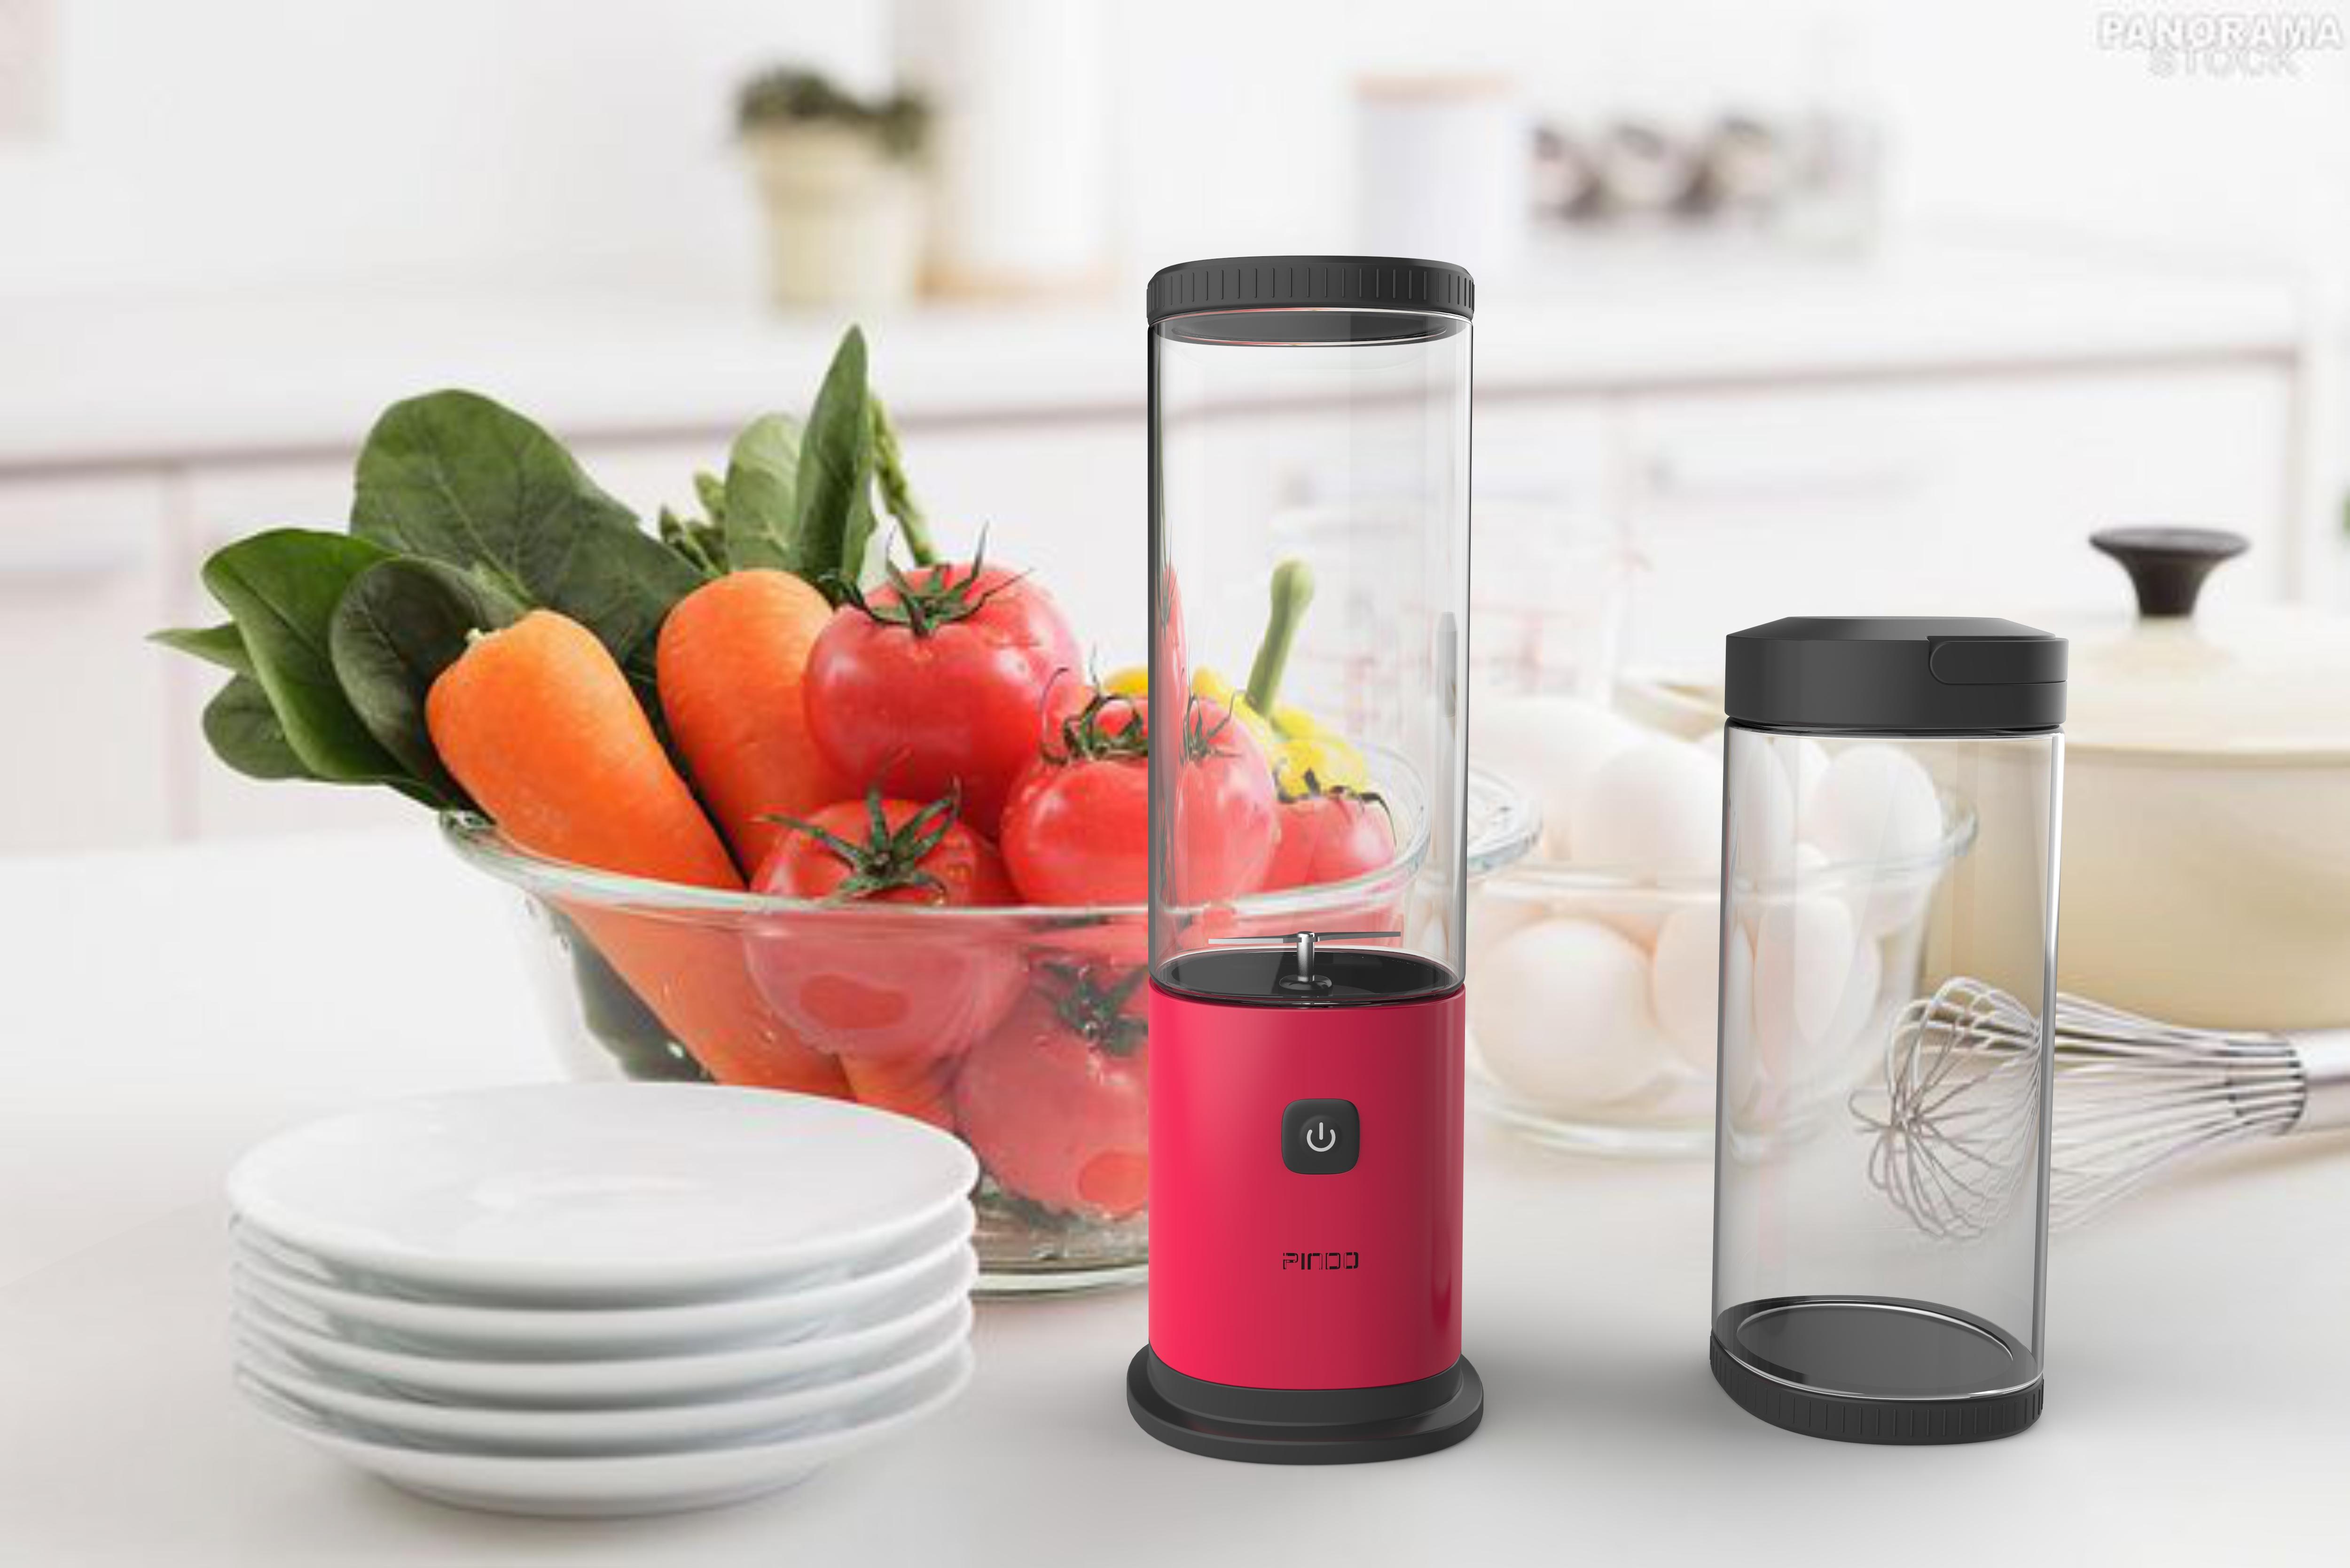 调味瓶日用品智能灯泡开关插座水果盘集线器内衣盒蛋清分离器设计